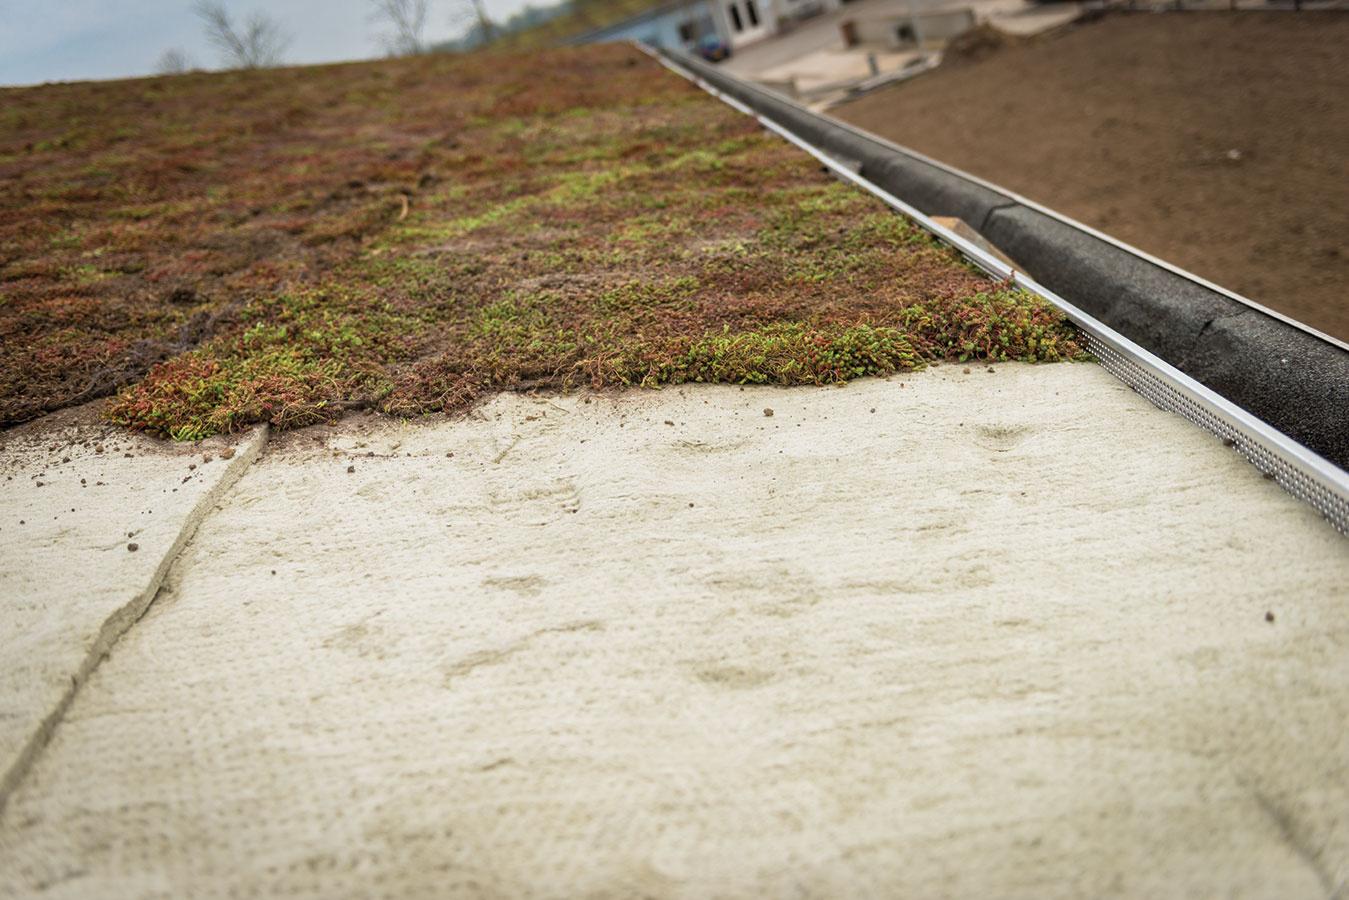 Na odvodňovacie žľaby sa nasadia sieťky. Tento systém možno aplikovať na strechy do sklonu 15°. Pre správnu funkčnosť je vhodné ponechať realizáciu na odborníkov.